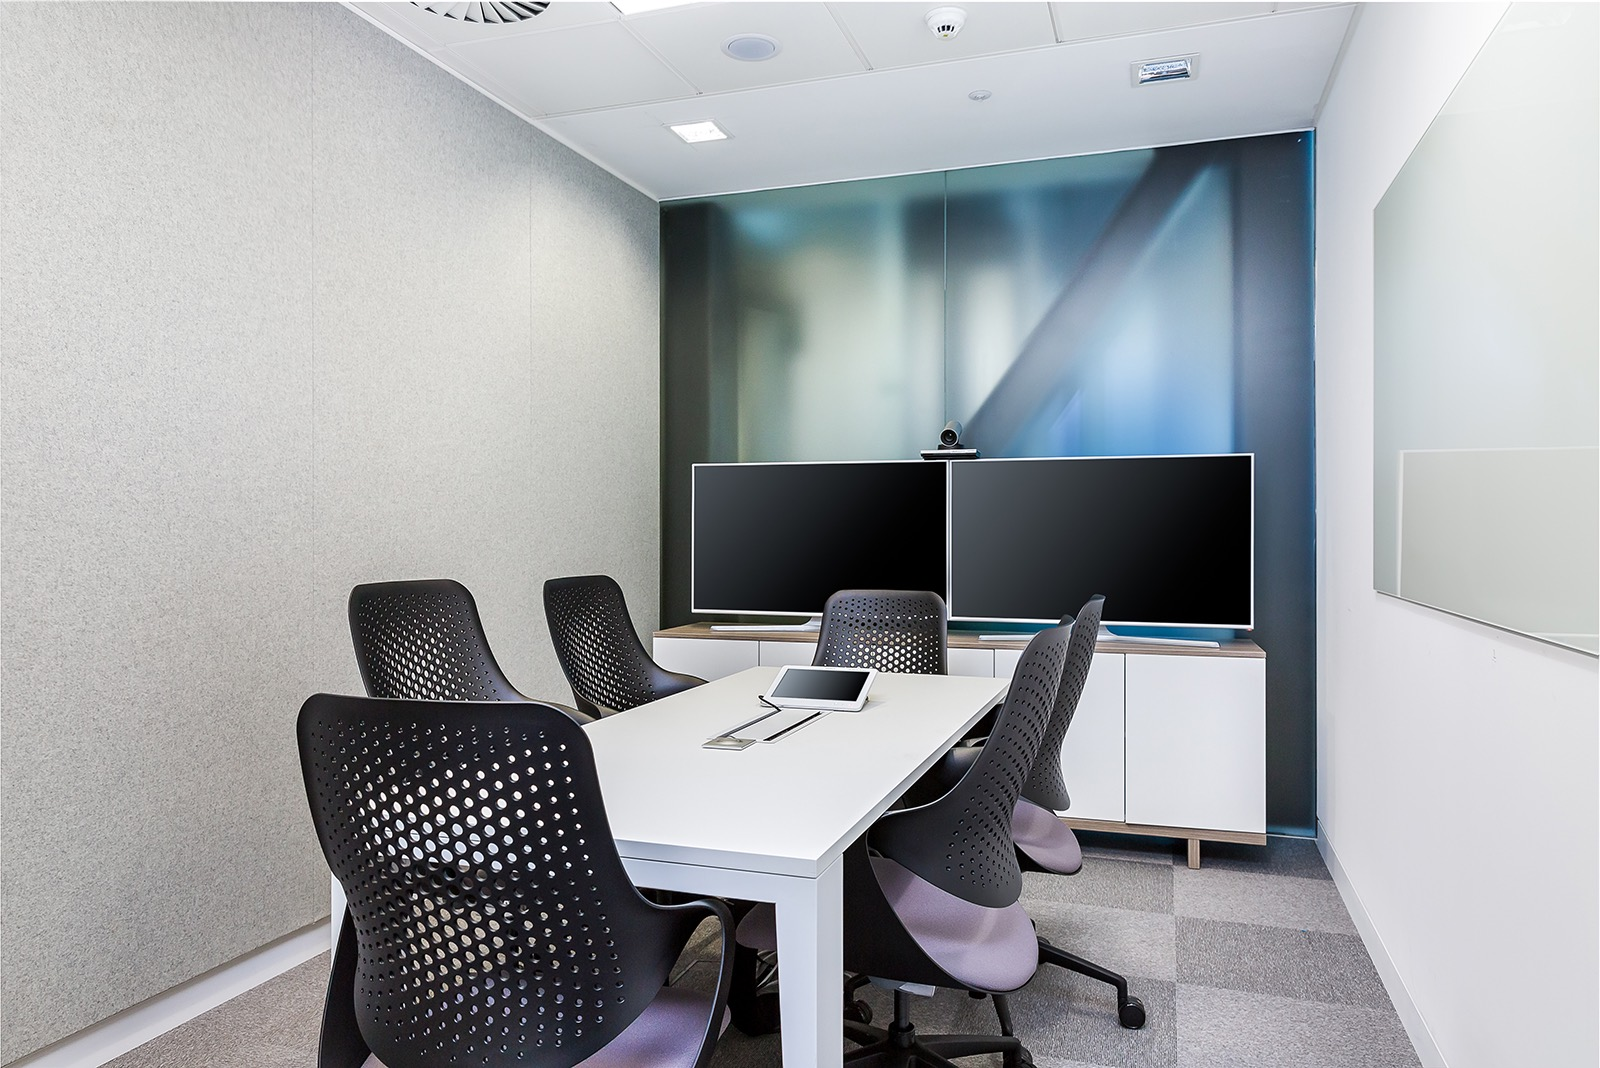 rakuten-office-london-6